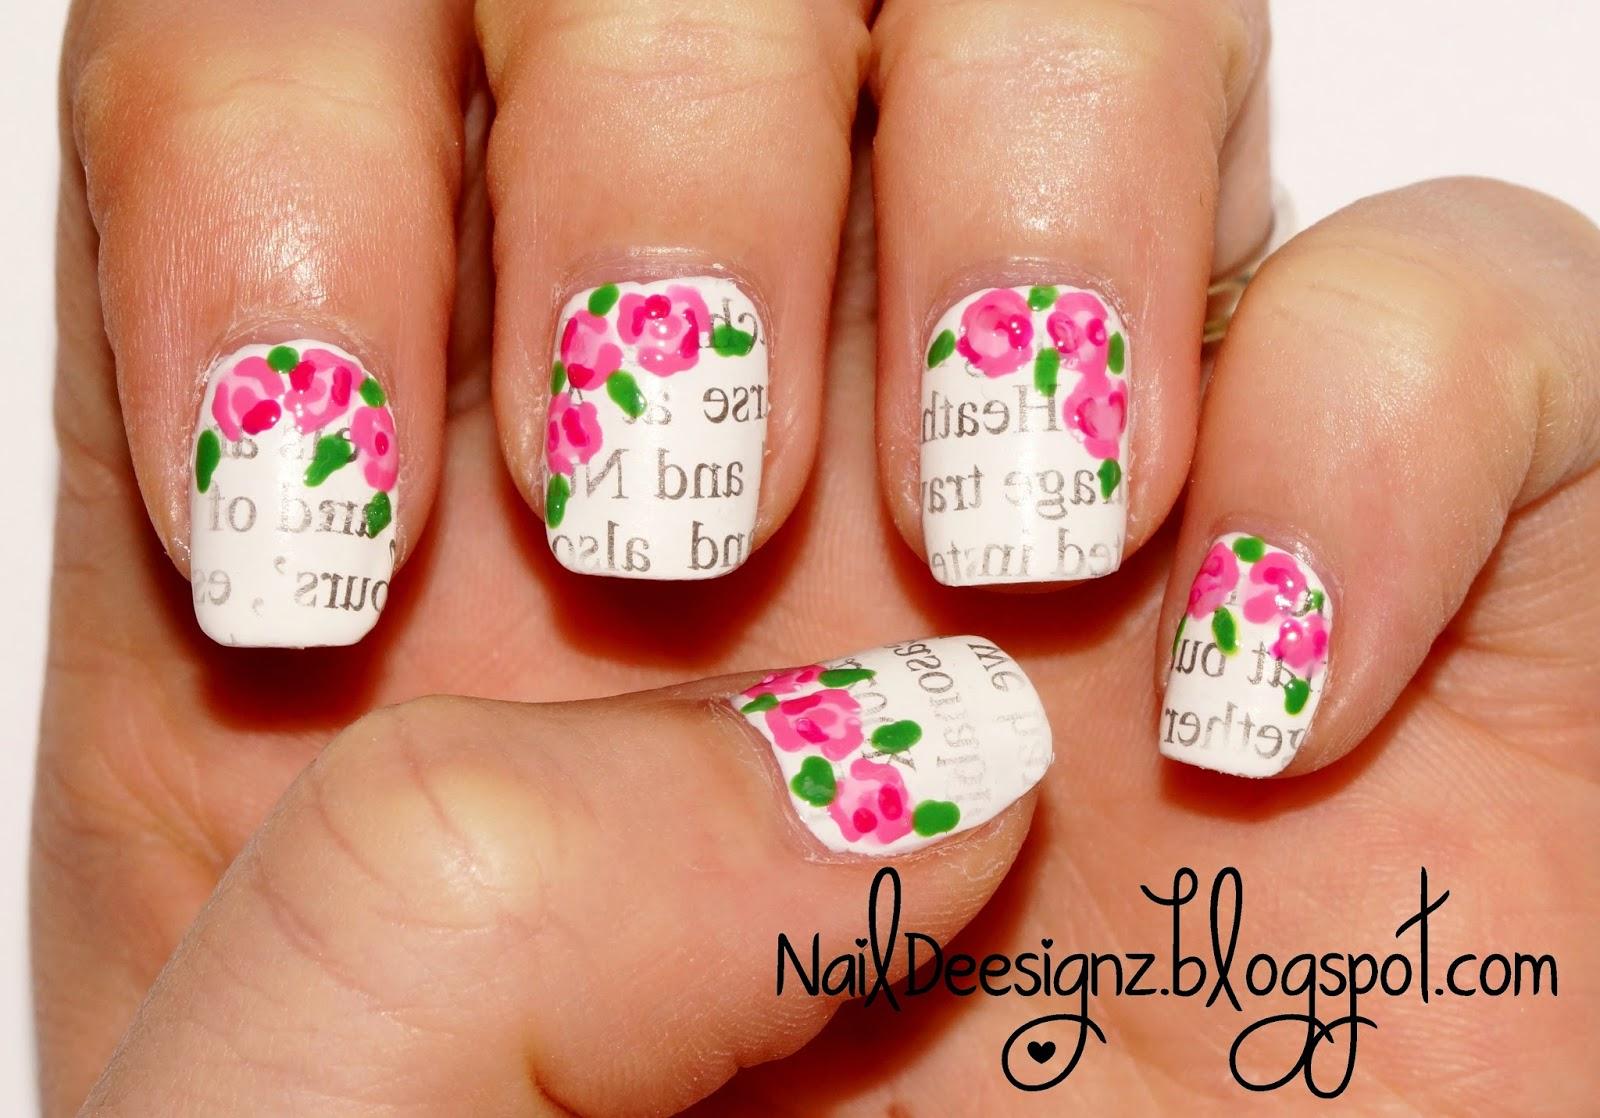 NailDeesignz: Newspaper & Rose Nail Art